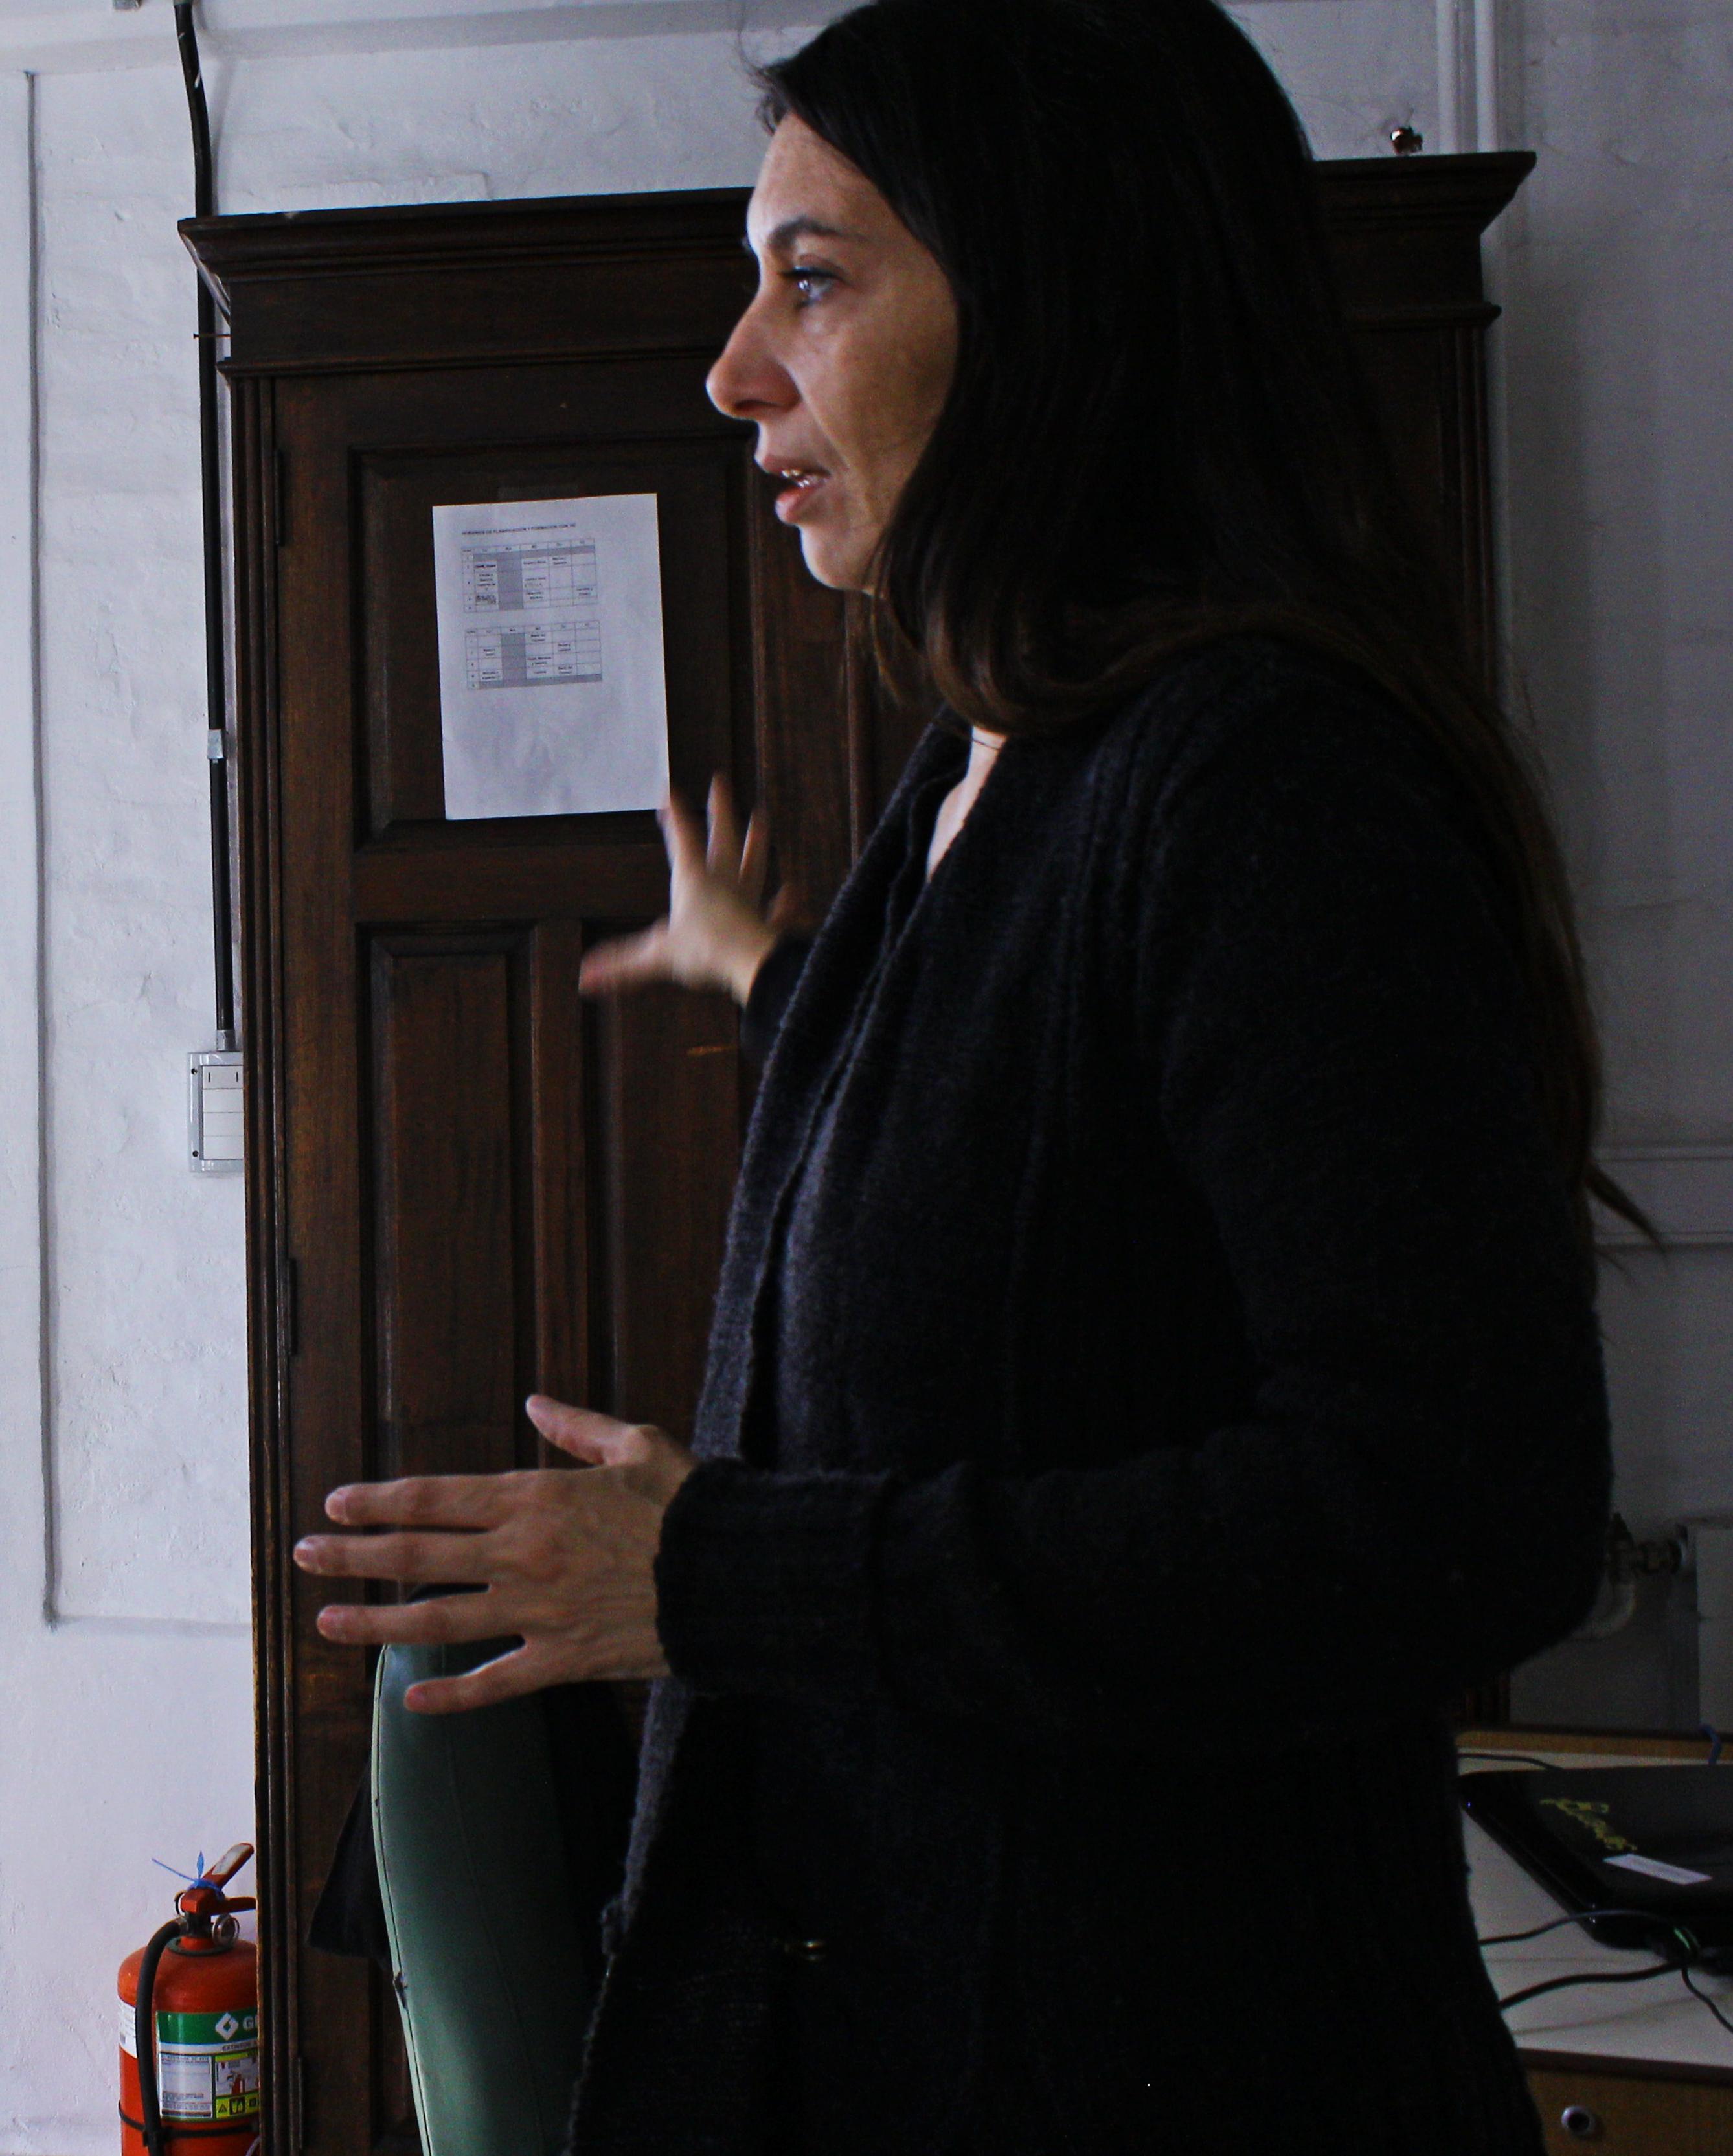 """Beatriz Battaglino, facilitadora pedagógica digital explica como funciona a aplicação dos netbooks no dia-a-dia escolar: """"É um momento de transição, uma adaptação que levará anos."""""""